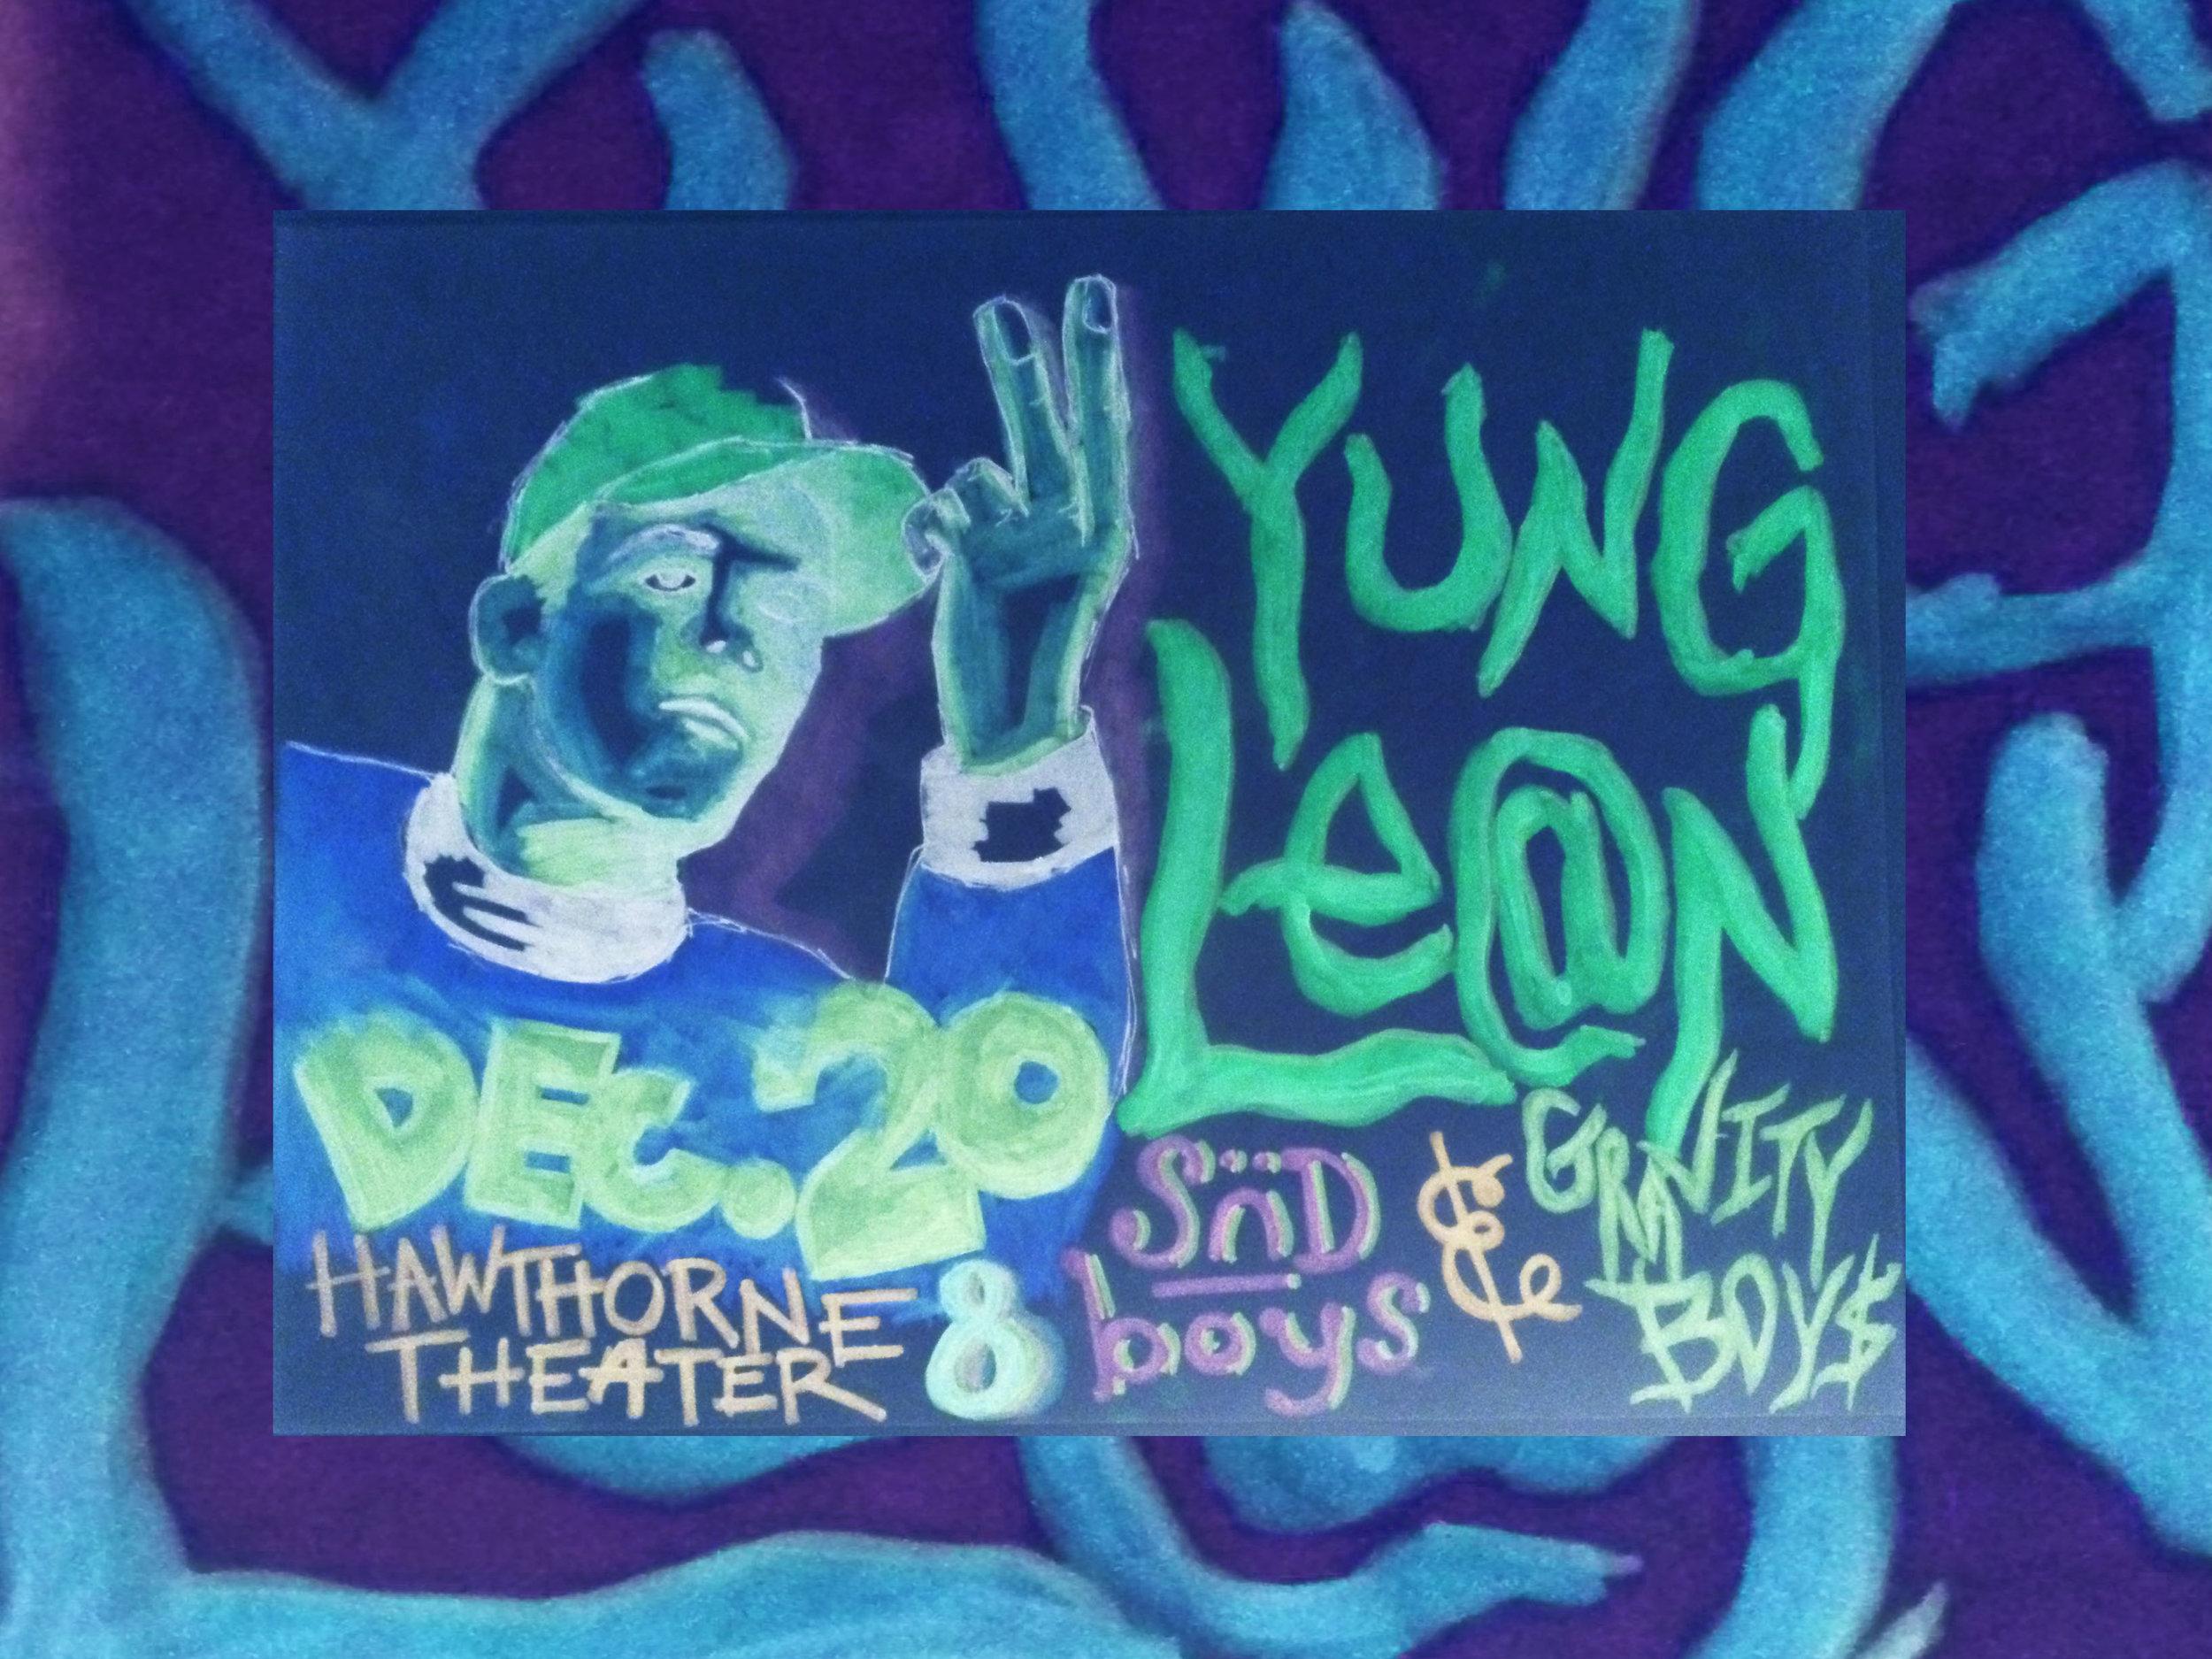 yung-lean-hawthorne.jpg